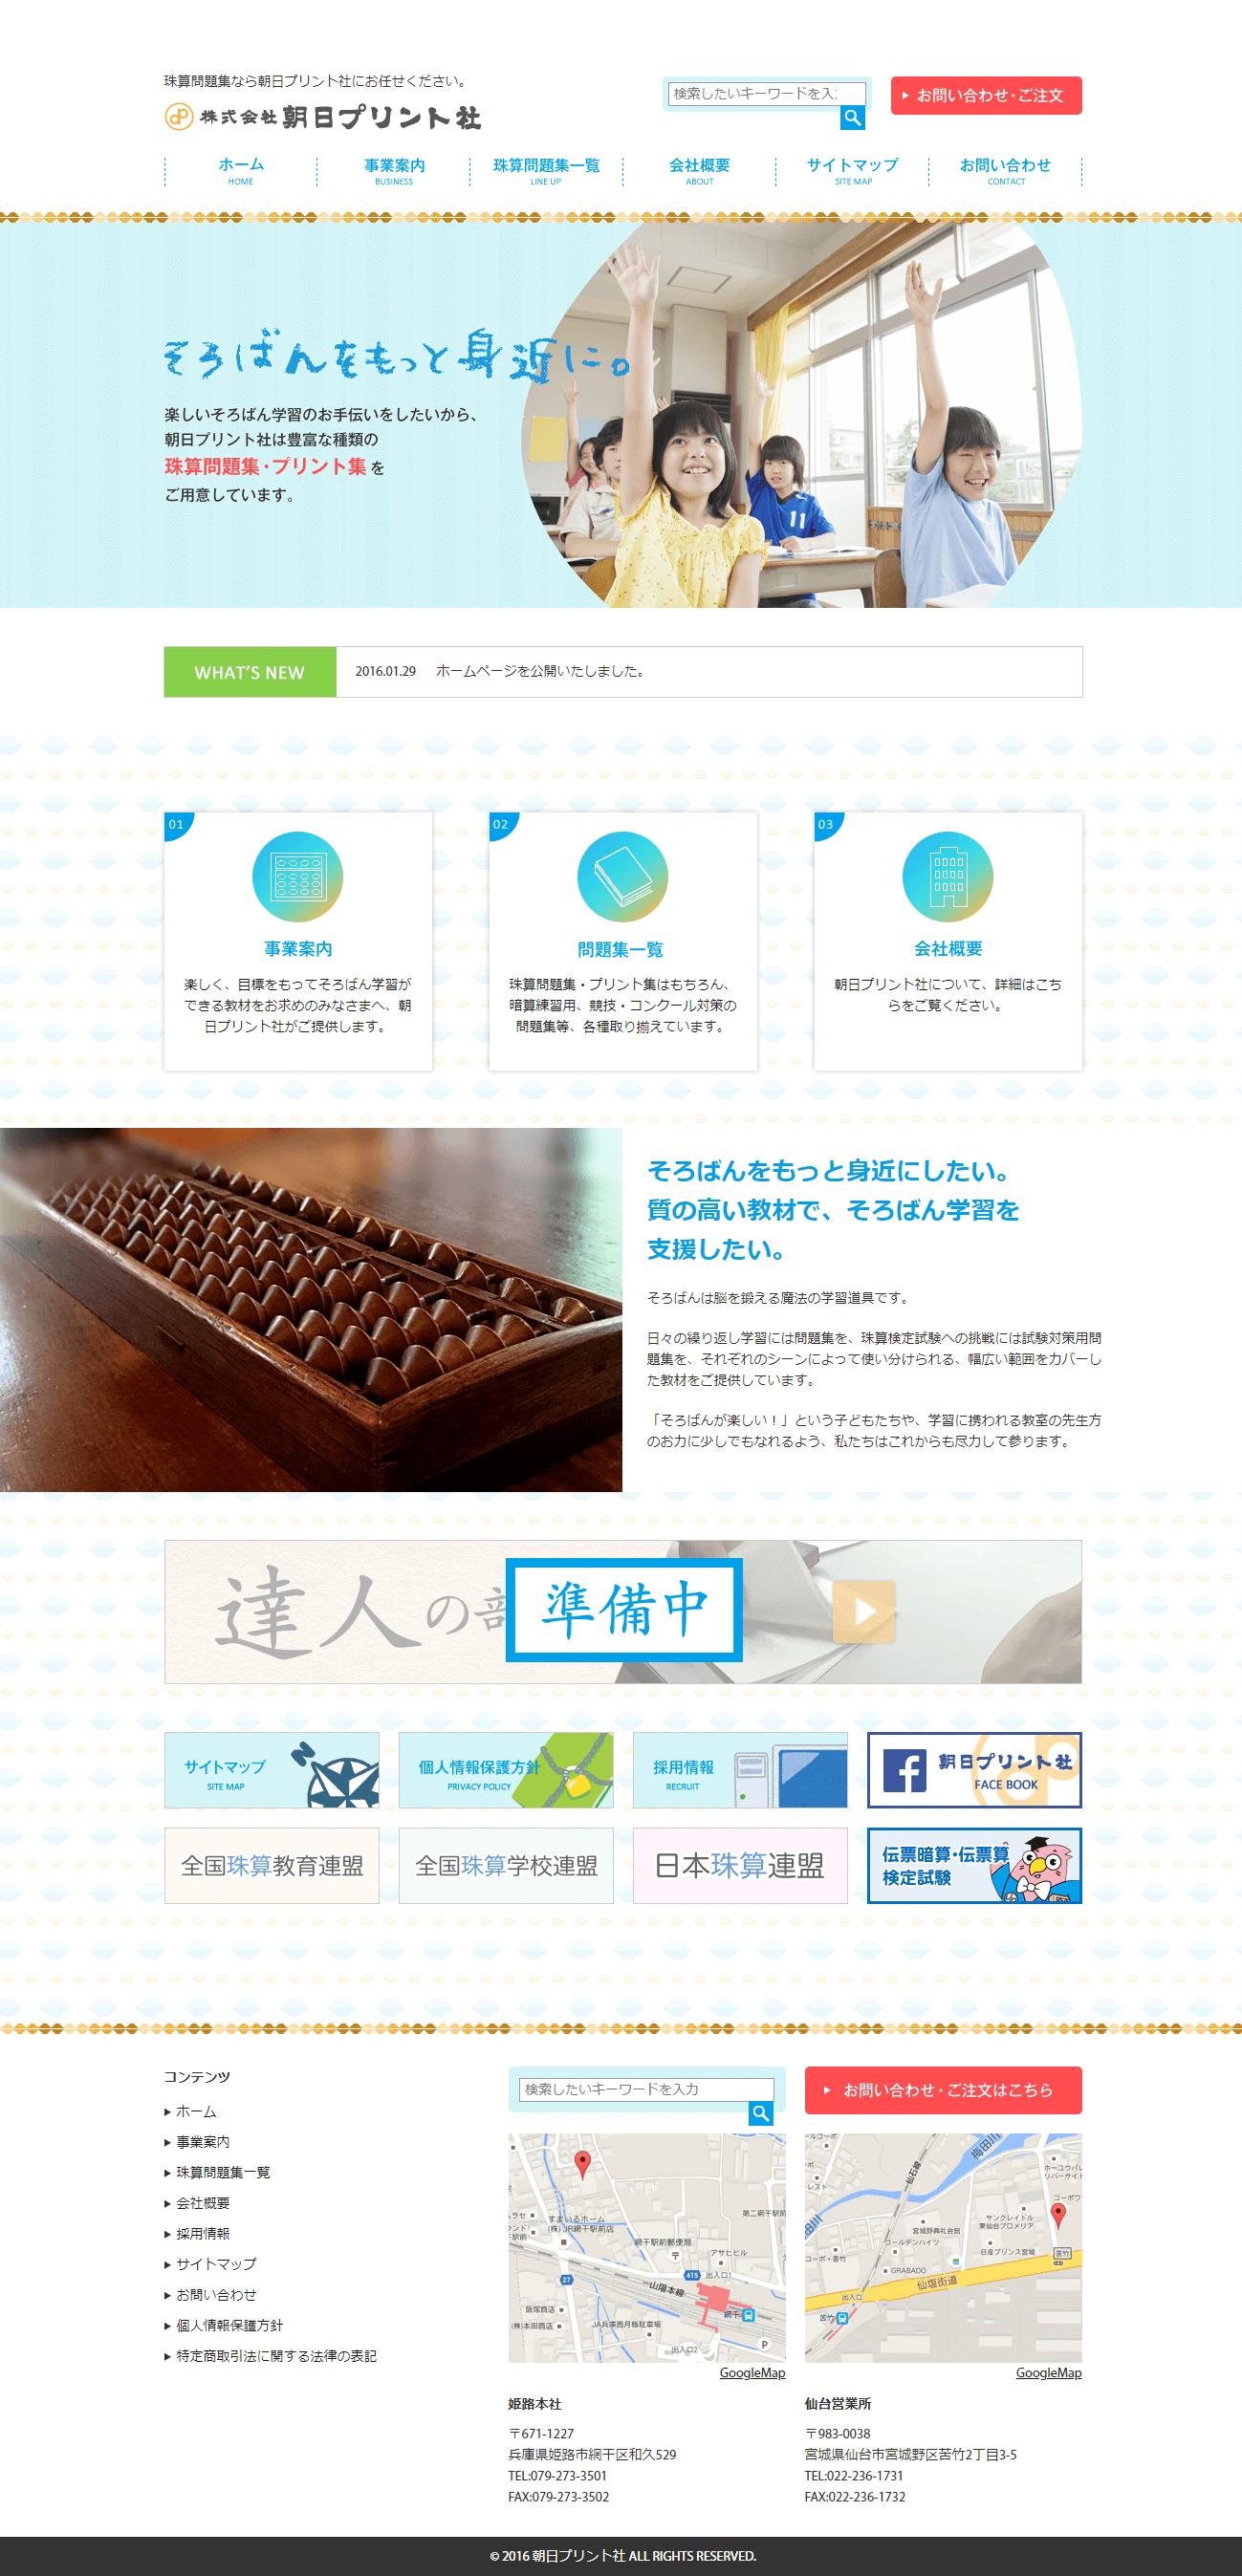 旧サイト:姫路市 朝日プリント社様 ホームページ制作